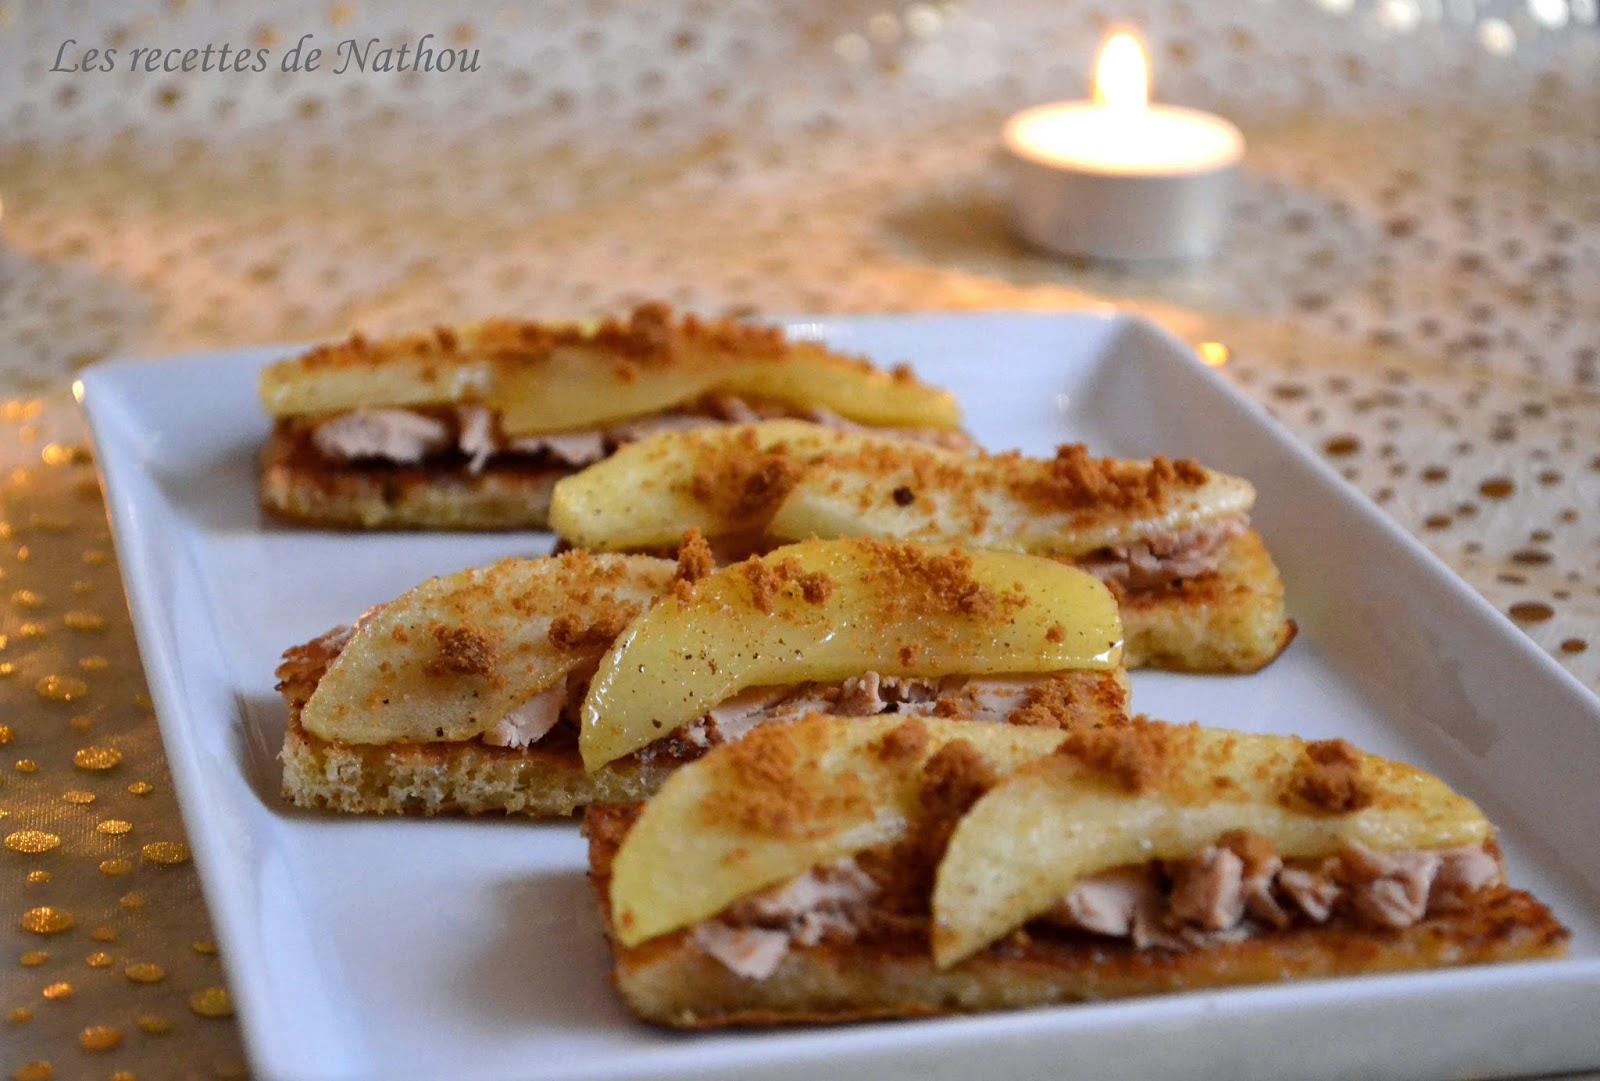 Toasts De Pain Perdu Au Foie Gras Pomme Et Sp Culoos Une Recette D 39 Amuse Bouche